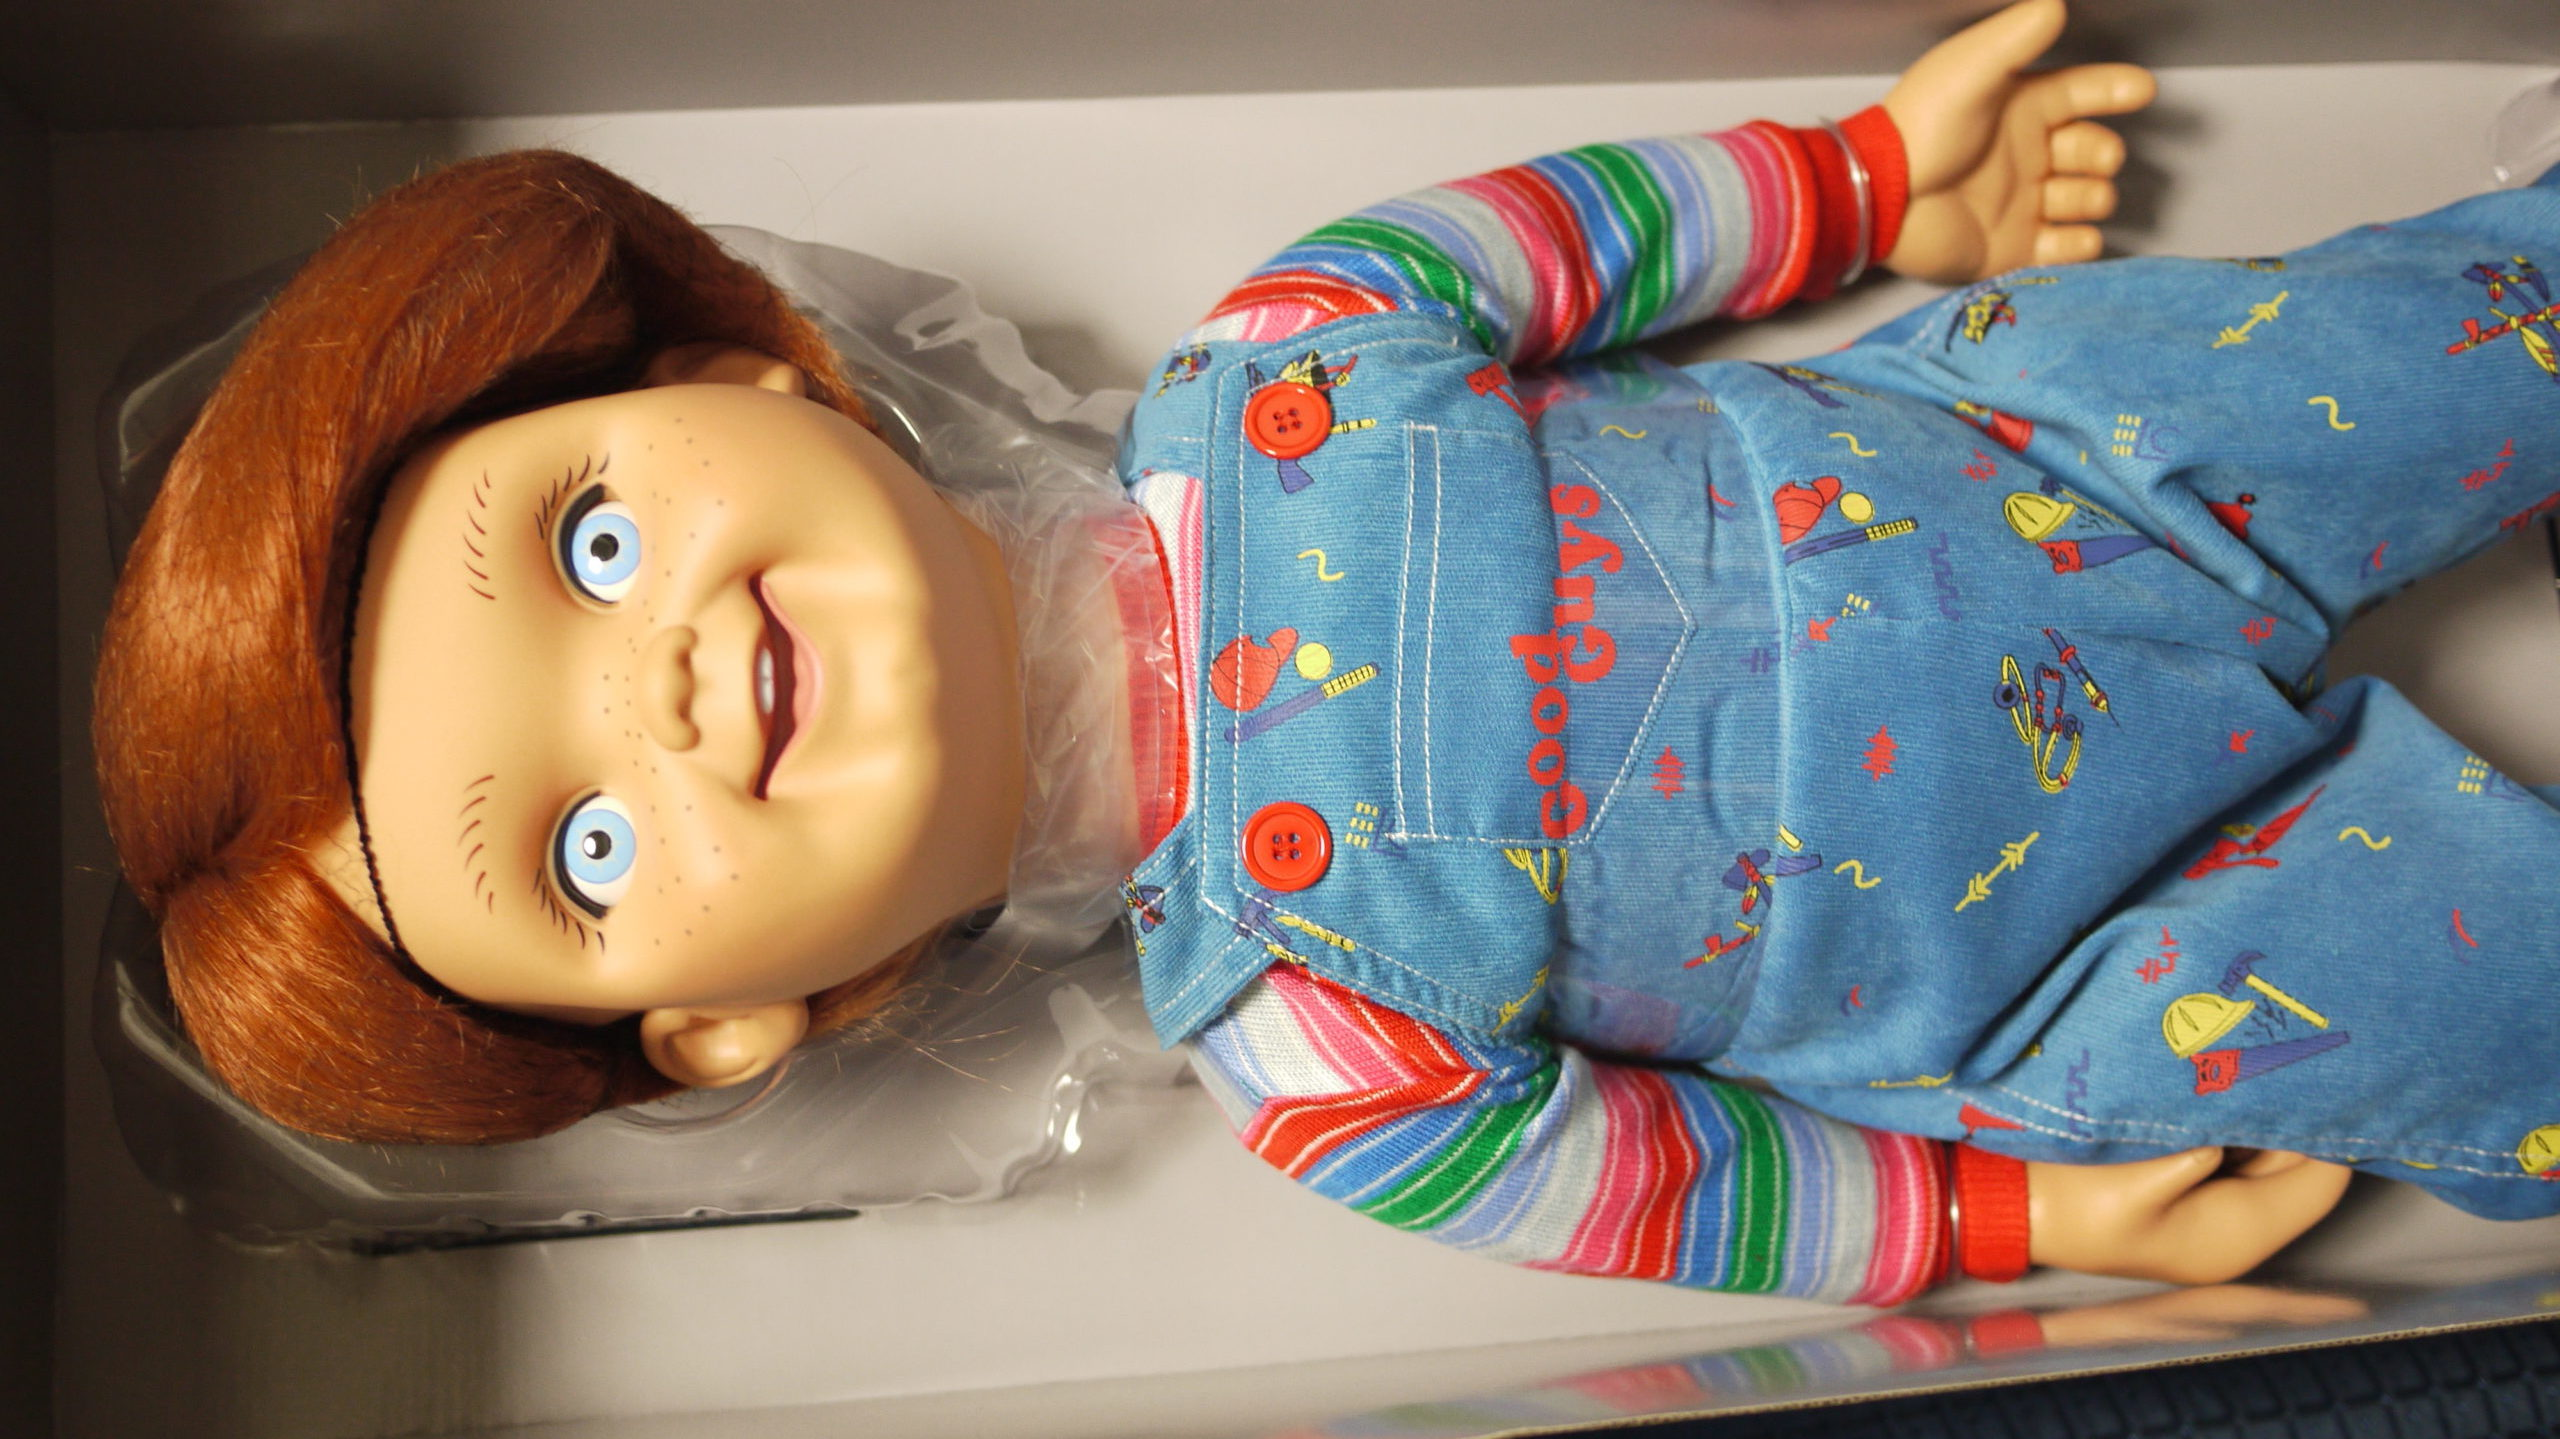 「チャイルド・プレイ」チャッキー等身大グッドガイ人形